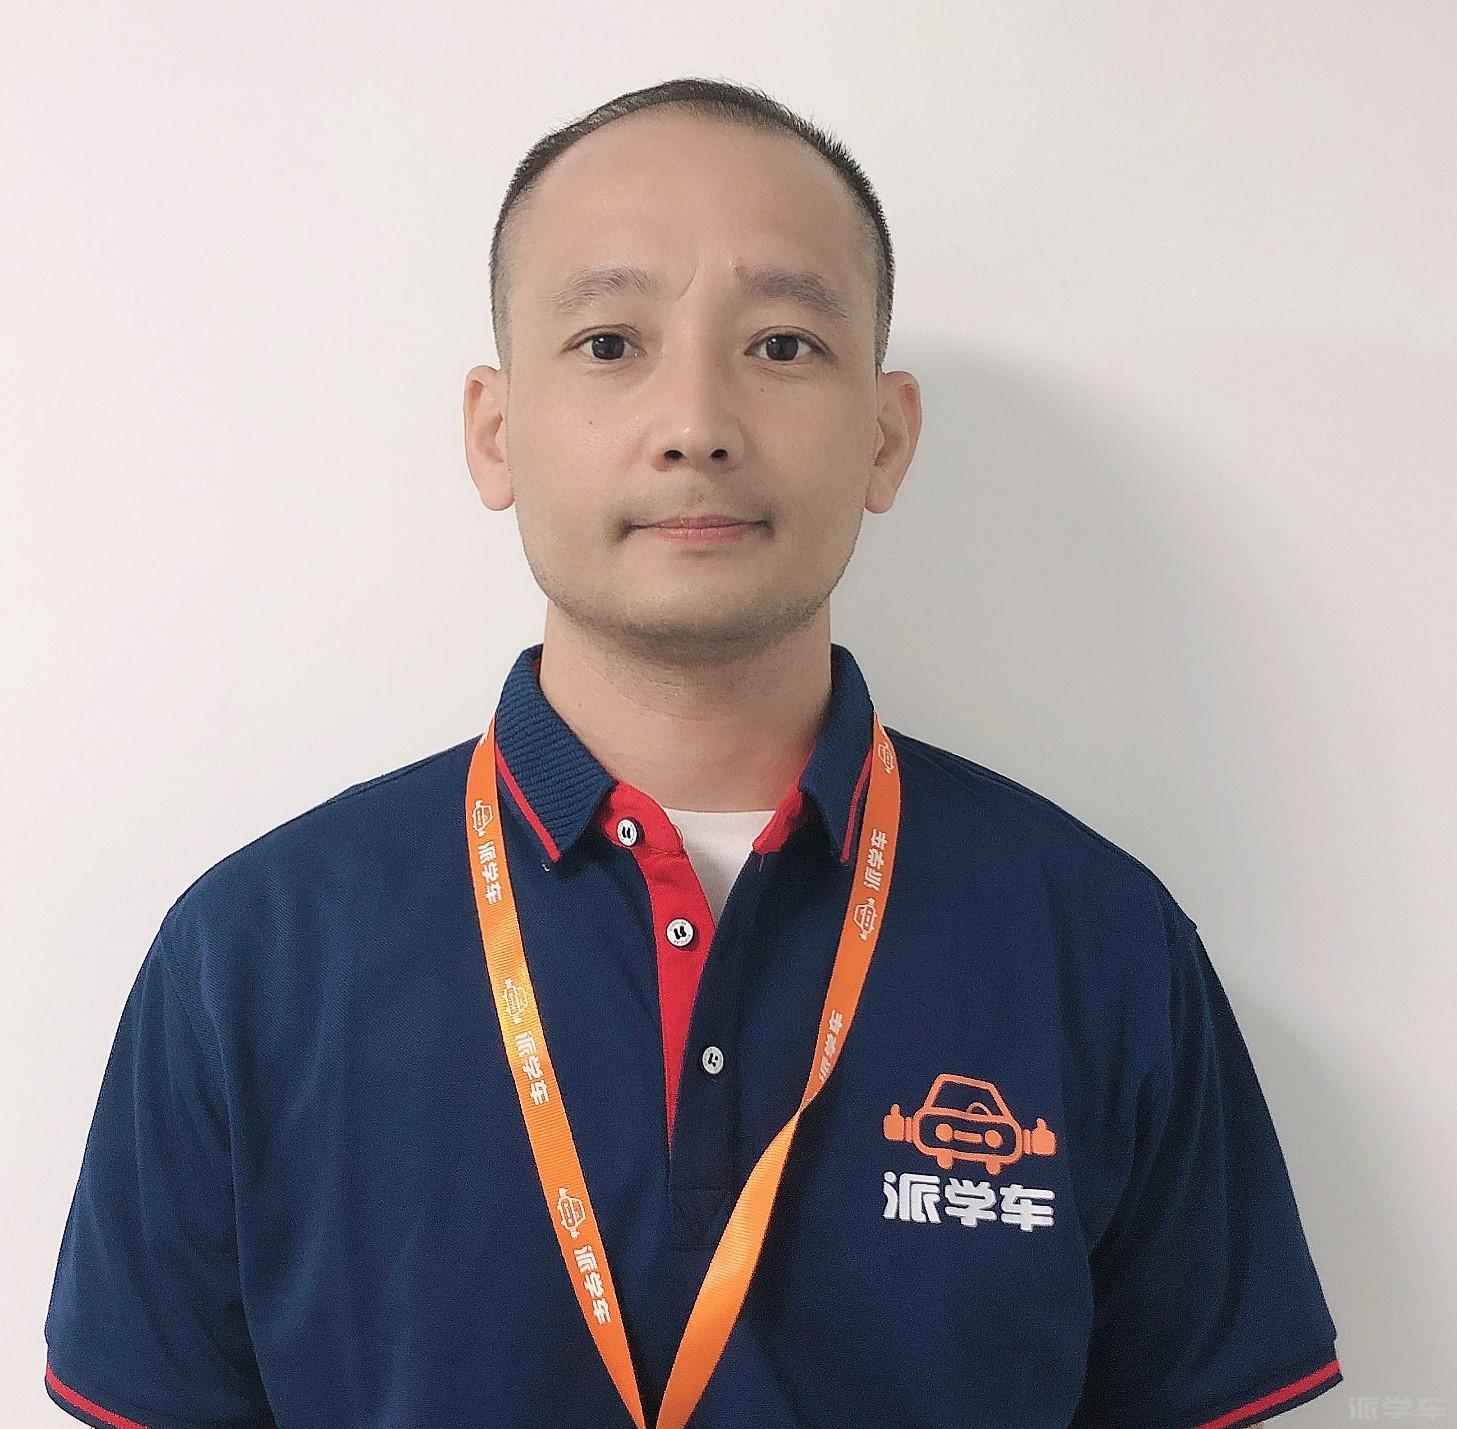 教练吴联彬